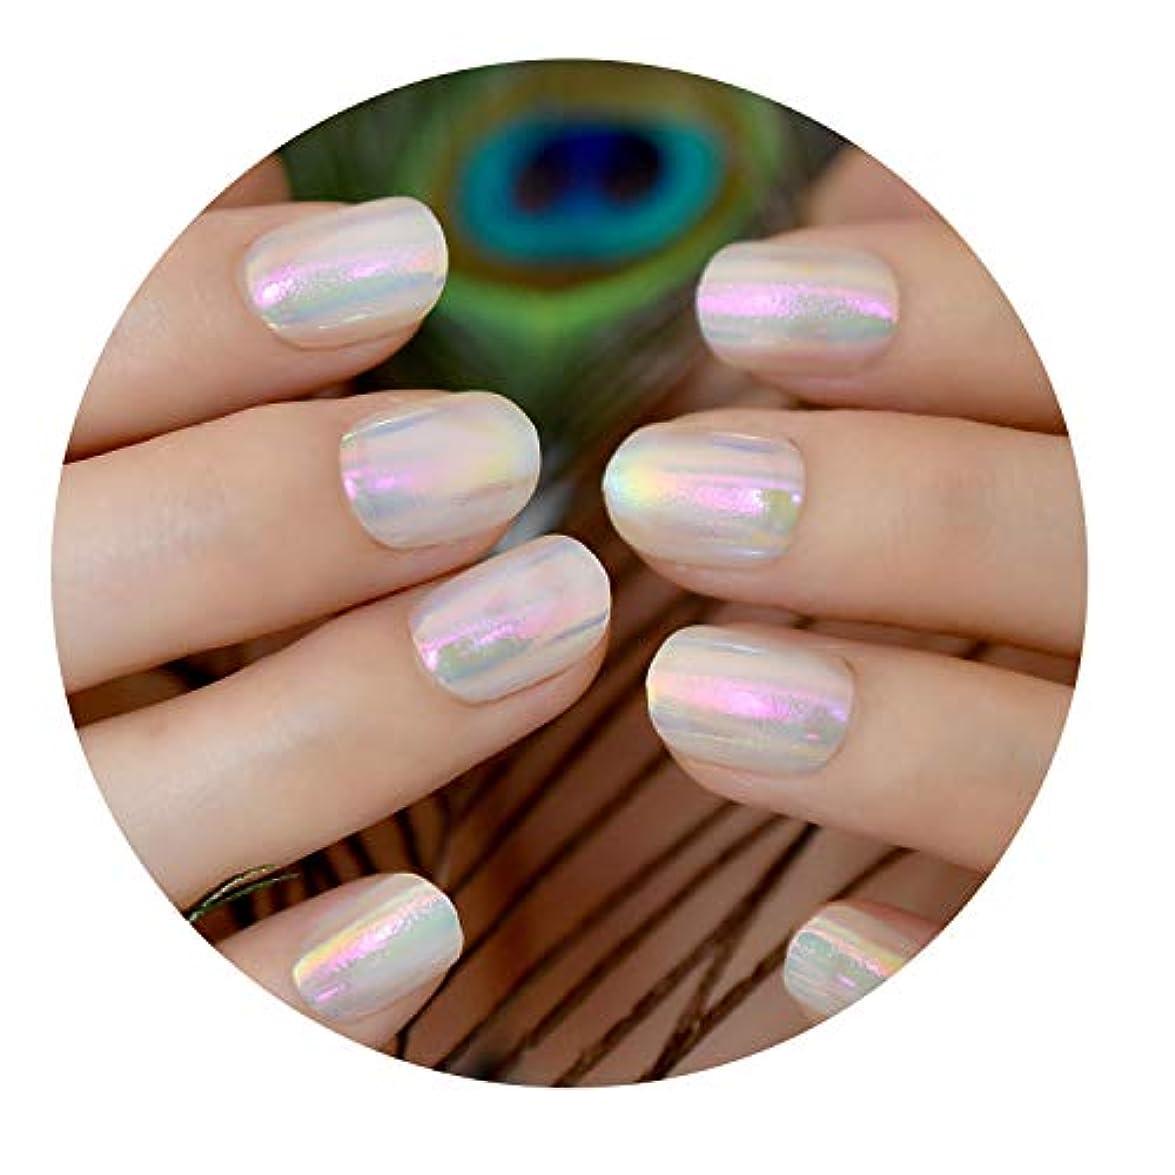 ぼかす真似るしなければならないアクリル偽爪短いラウンドデザイン人工爪のヒントミラーDIY指パッチサロン製品,Z856